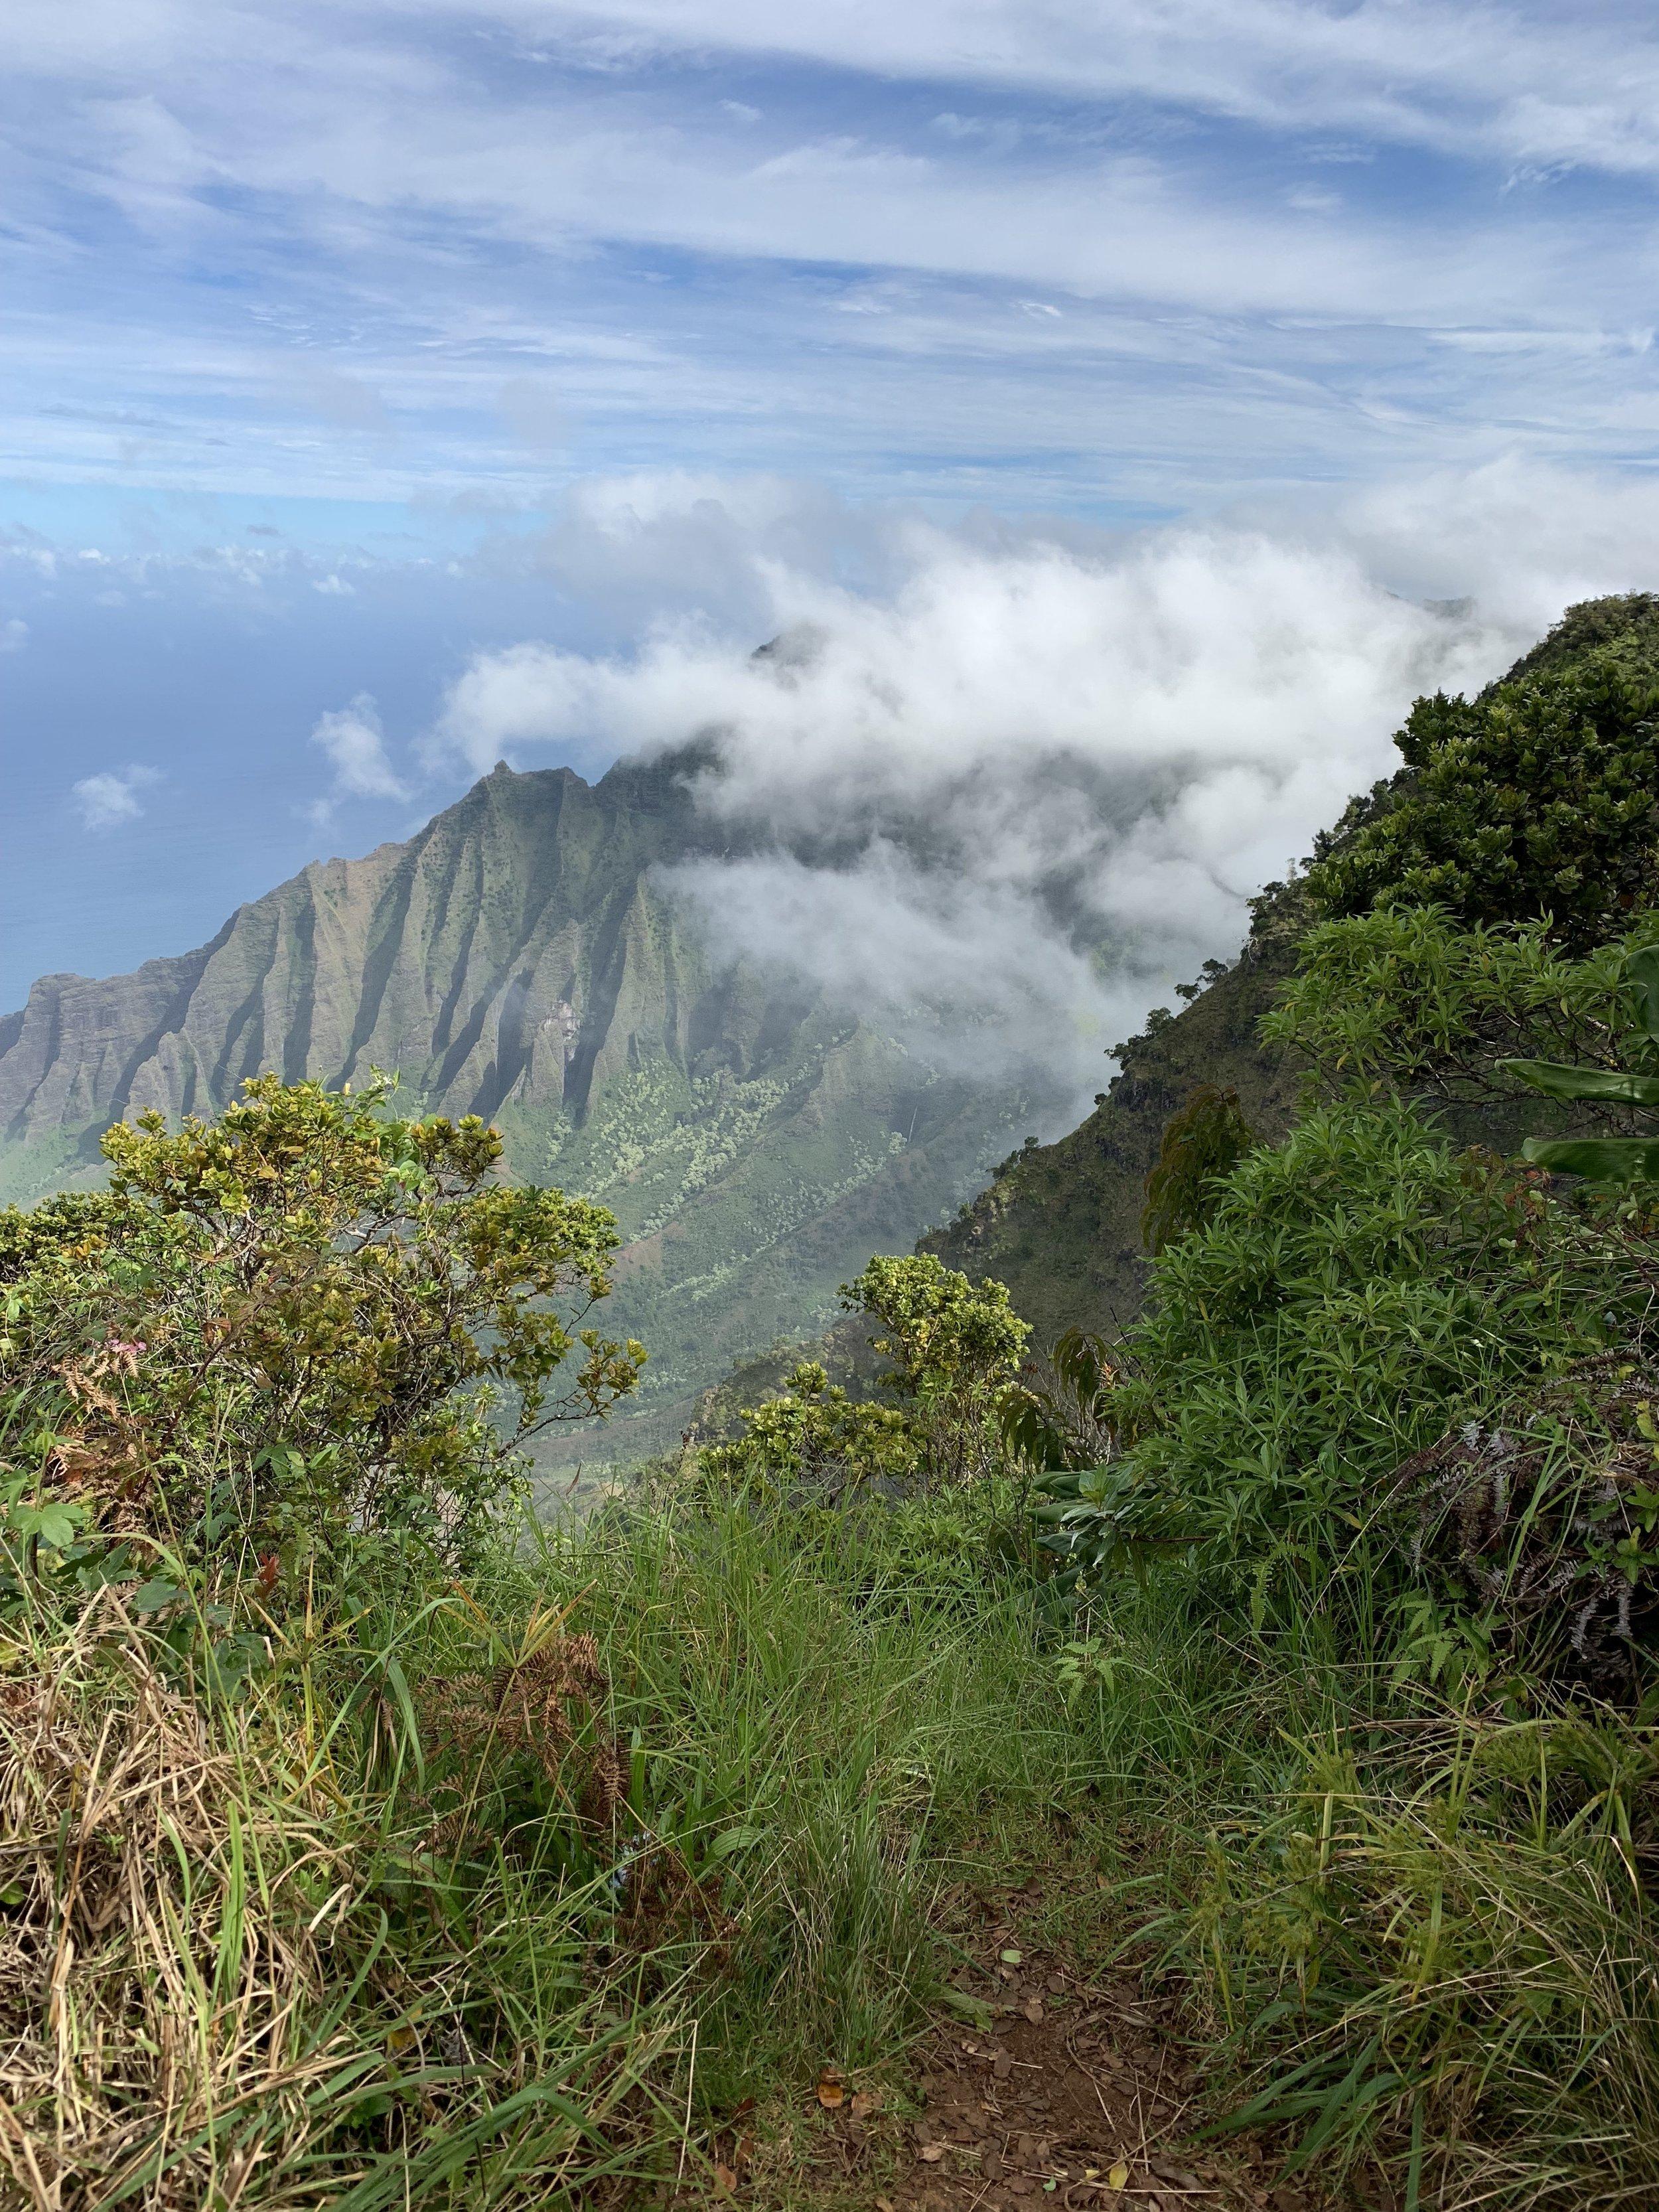 Enjoying some Hawaiian humidity!